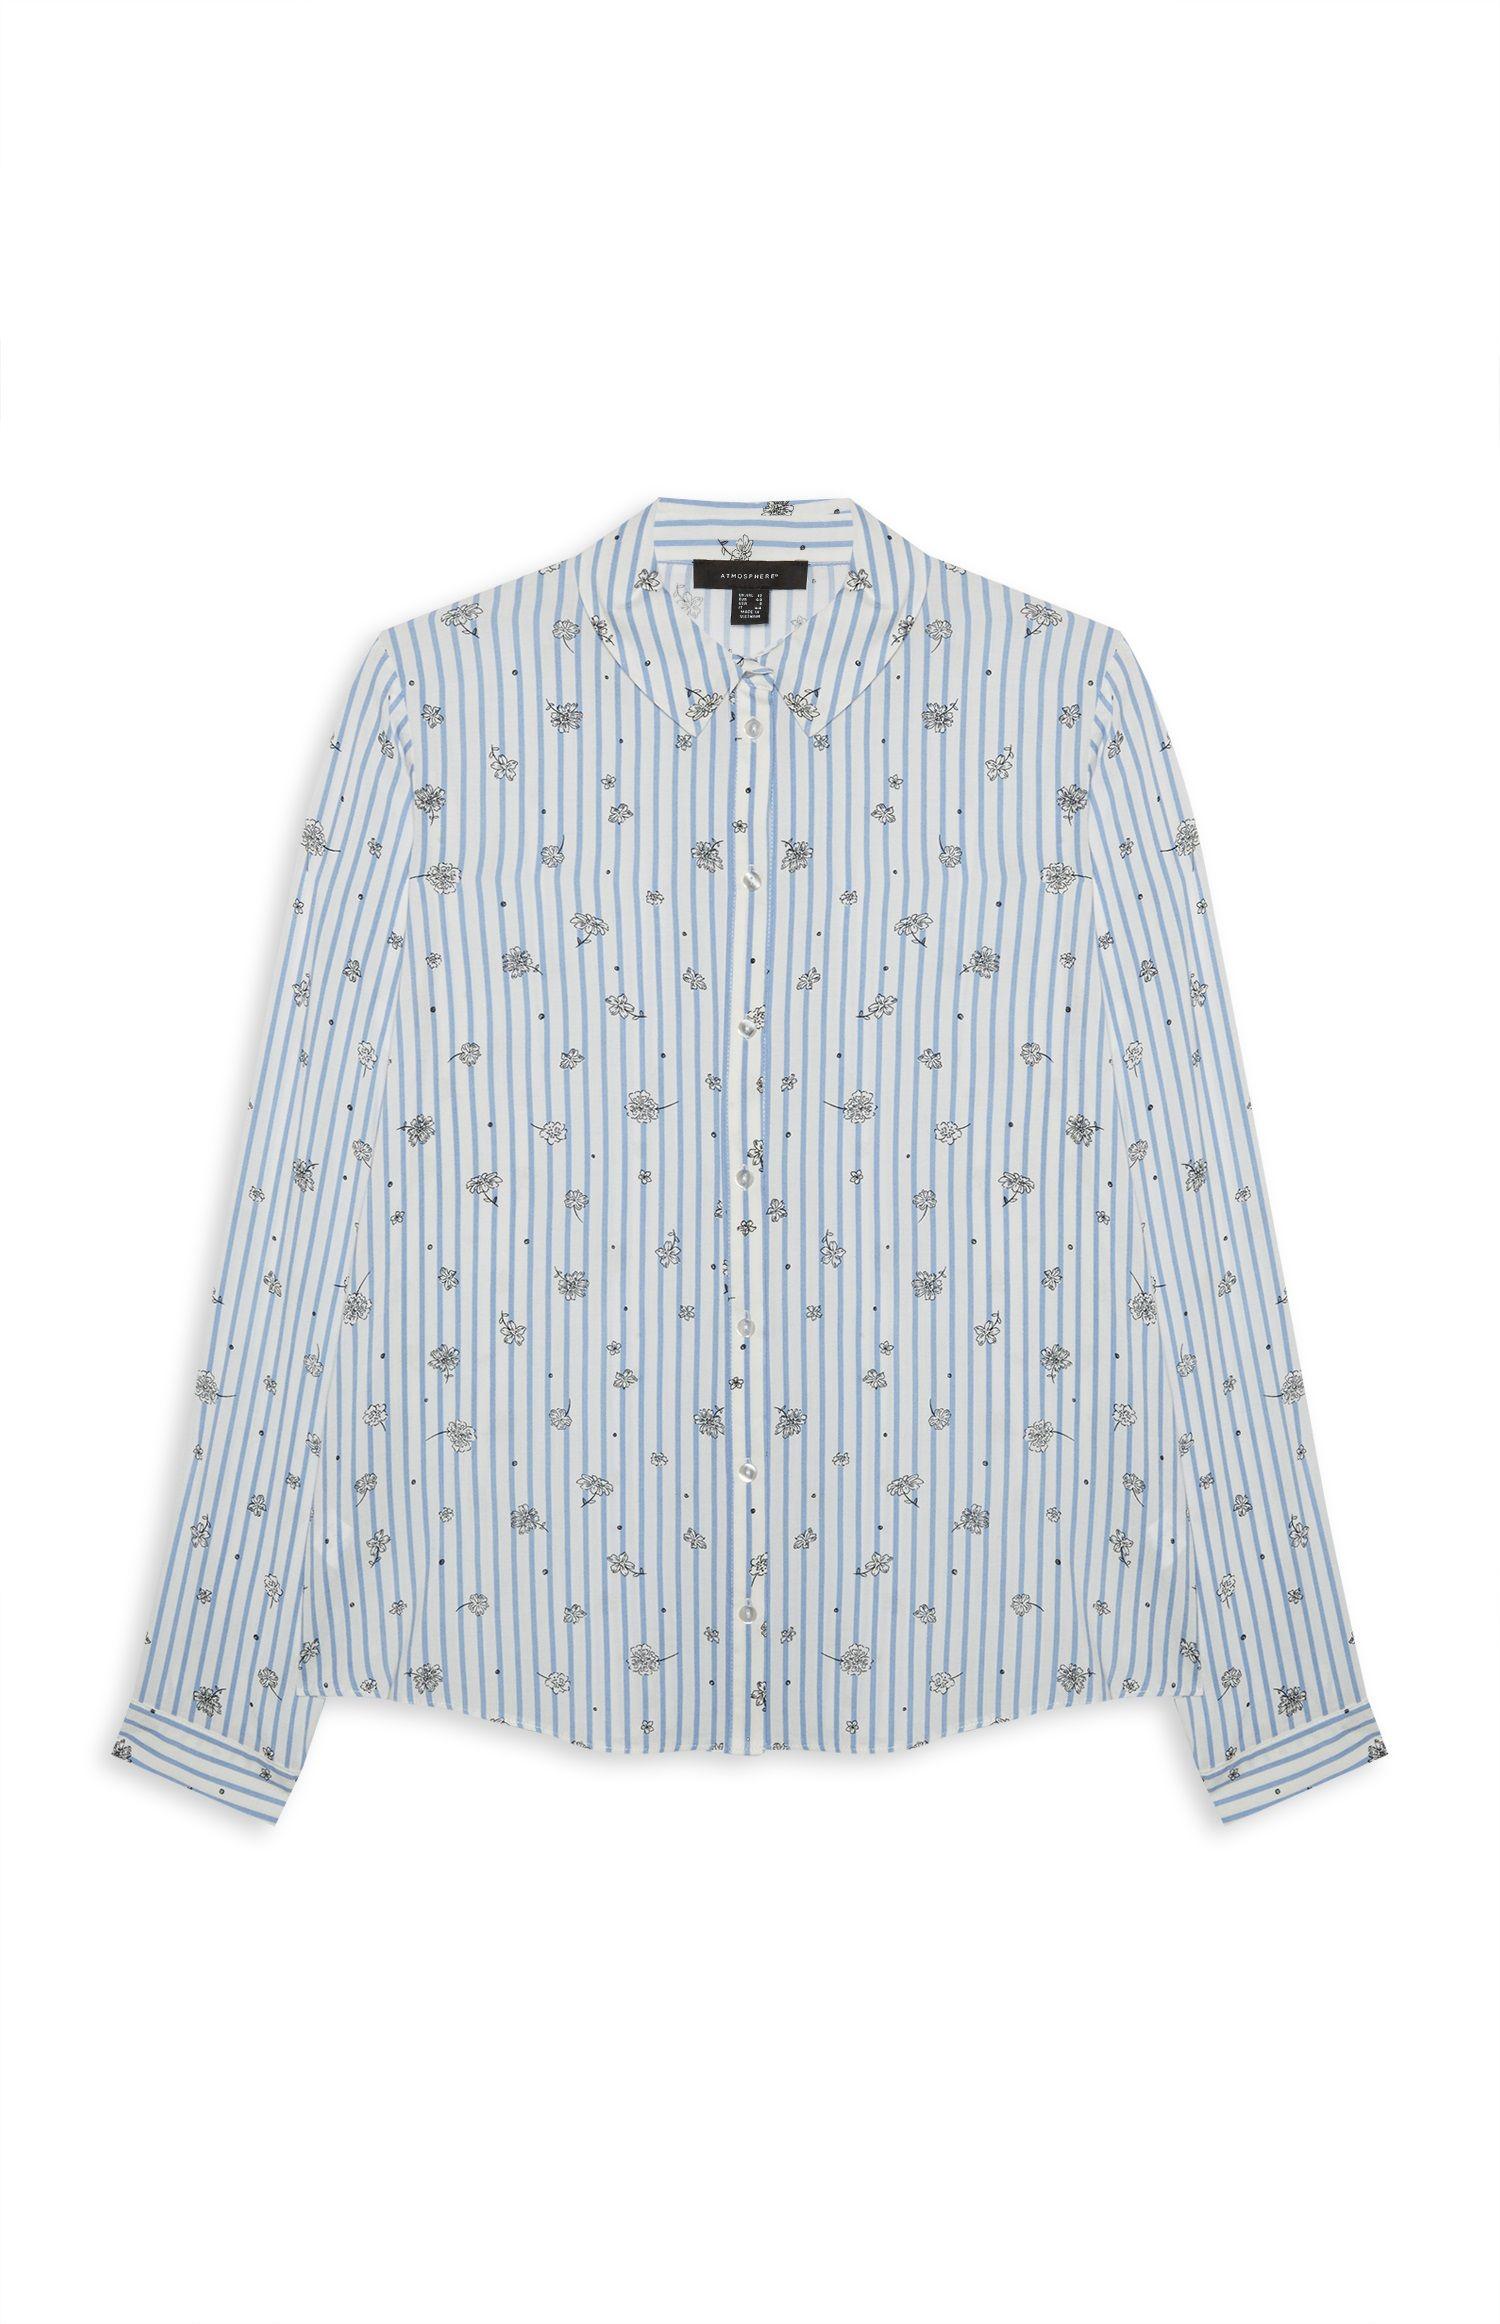 c9a572fca5e328 Womens Denim Shirt Primark